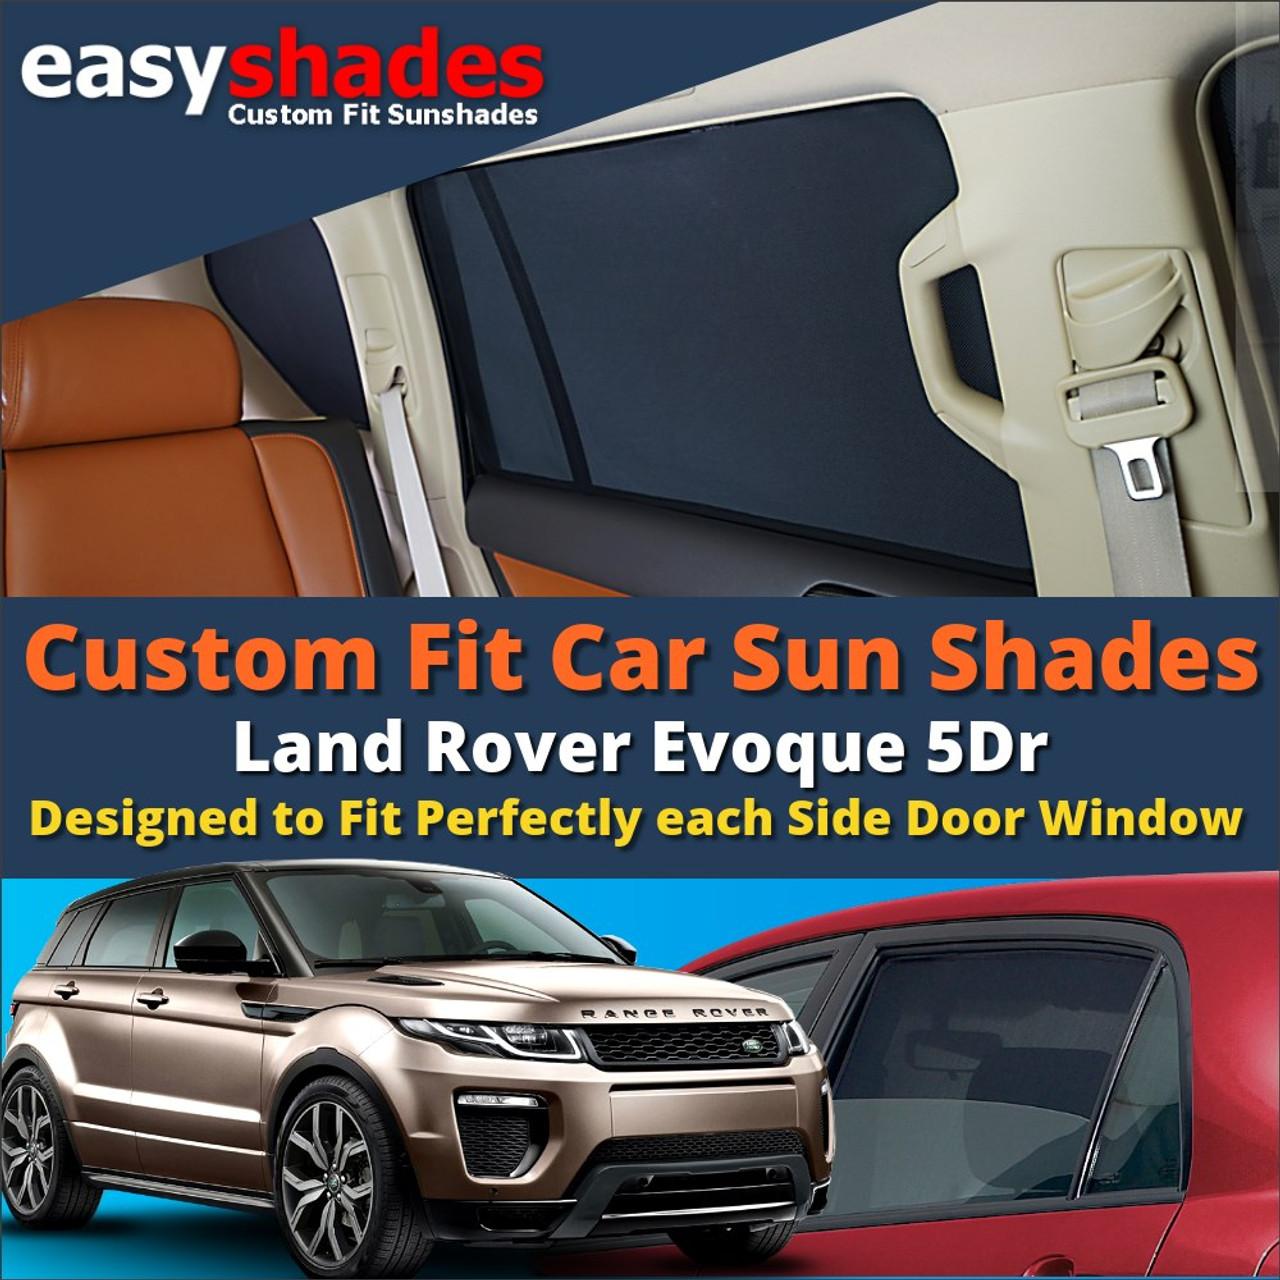 Car Window Shades >> Land Rover Evoque 5dr Car Sun Shades Set Of 2 B Easyshades